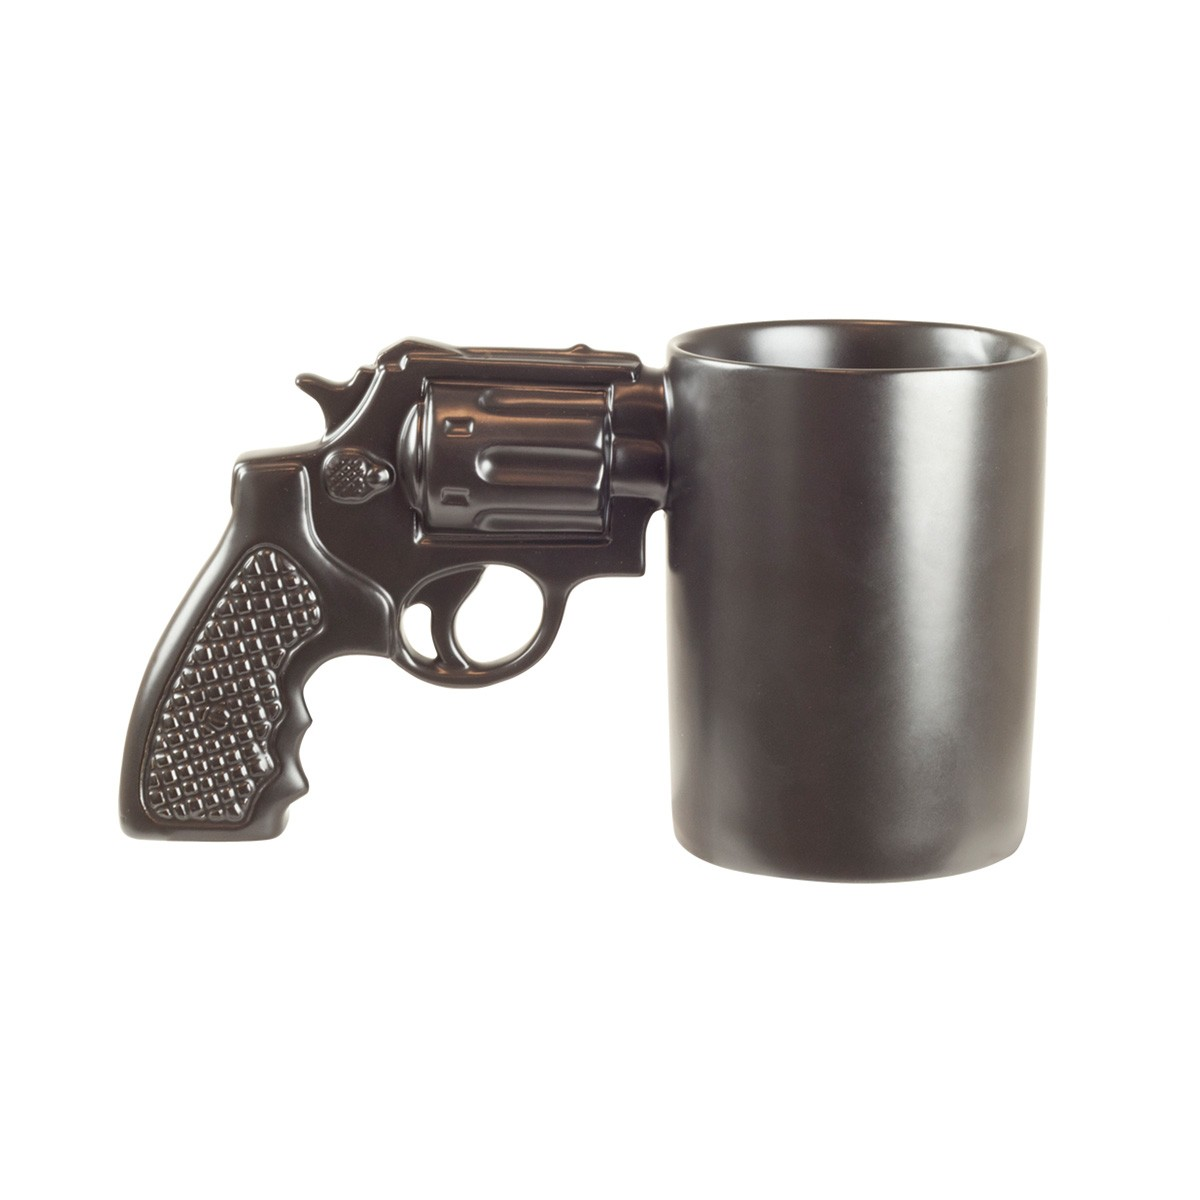 Kofeinowy strzał: kubek z rewolwerem